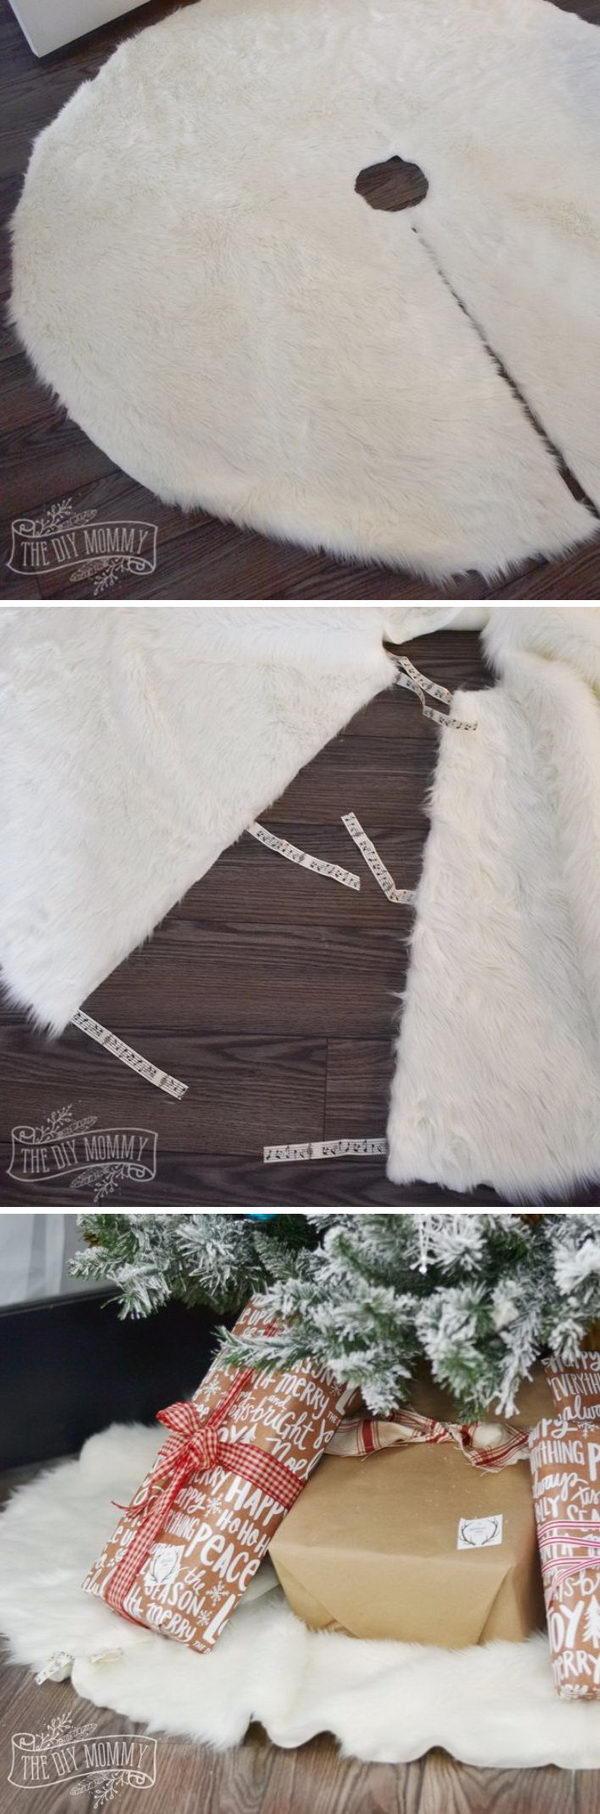 DIY No Sew Faux Fur Christmas Tree Skirt.